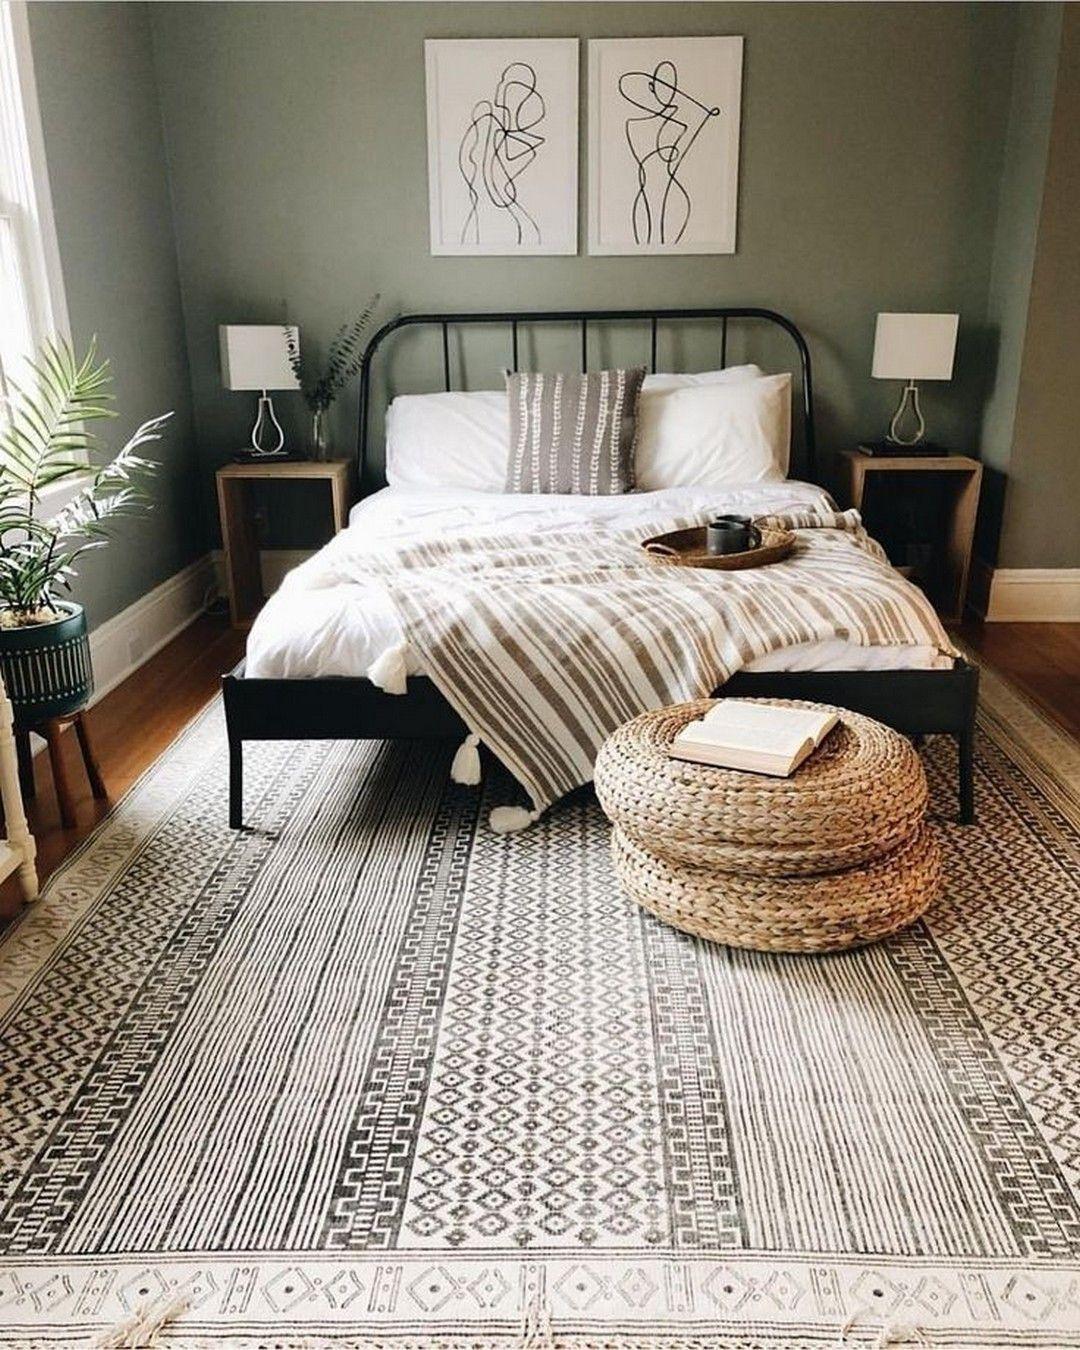 10 Beautifully Bedroom Ideas Scandinavian Design Bedroom Interior Design Bedroom Small Home Bedroom